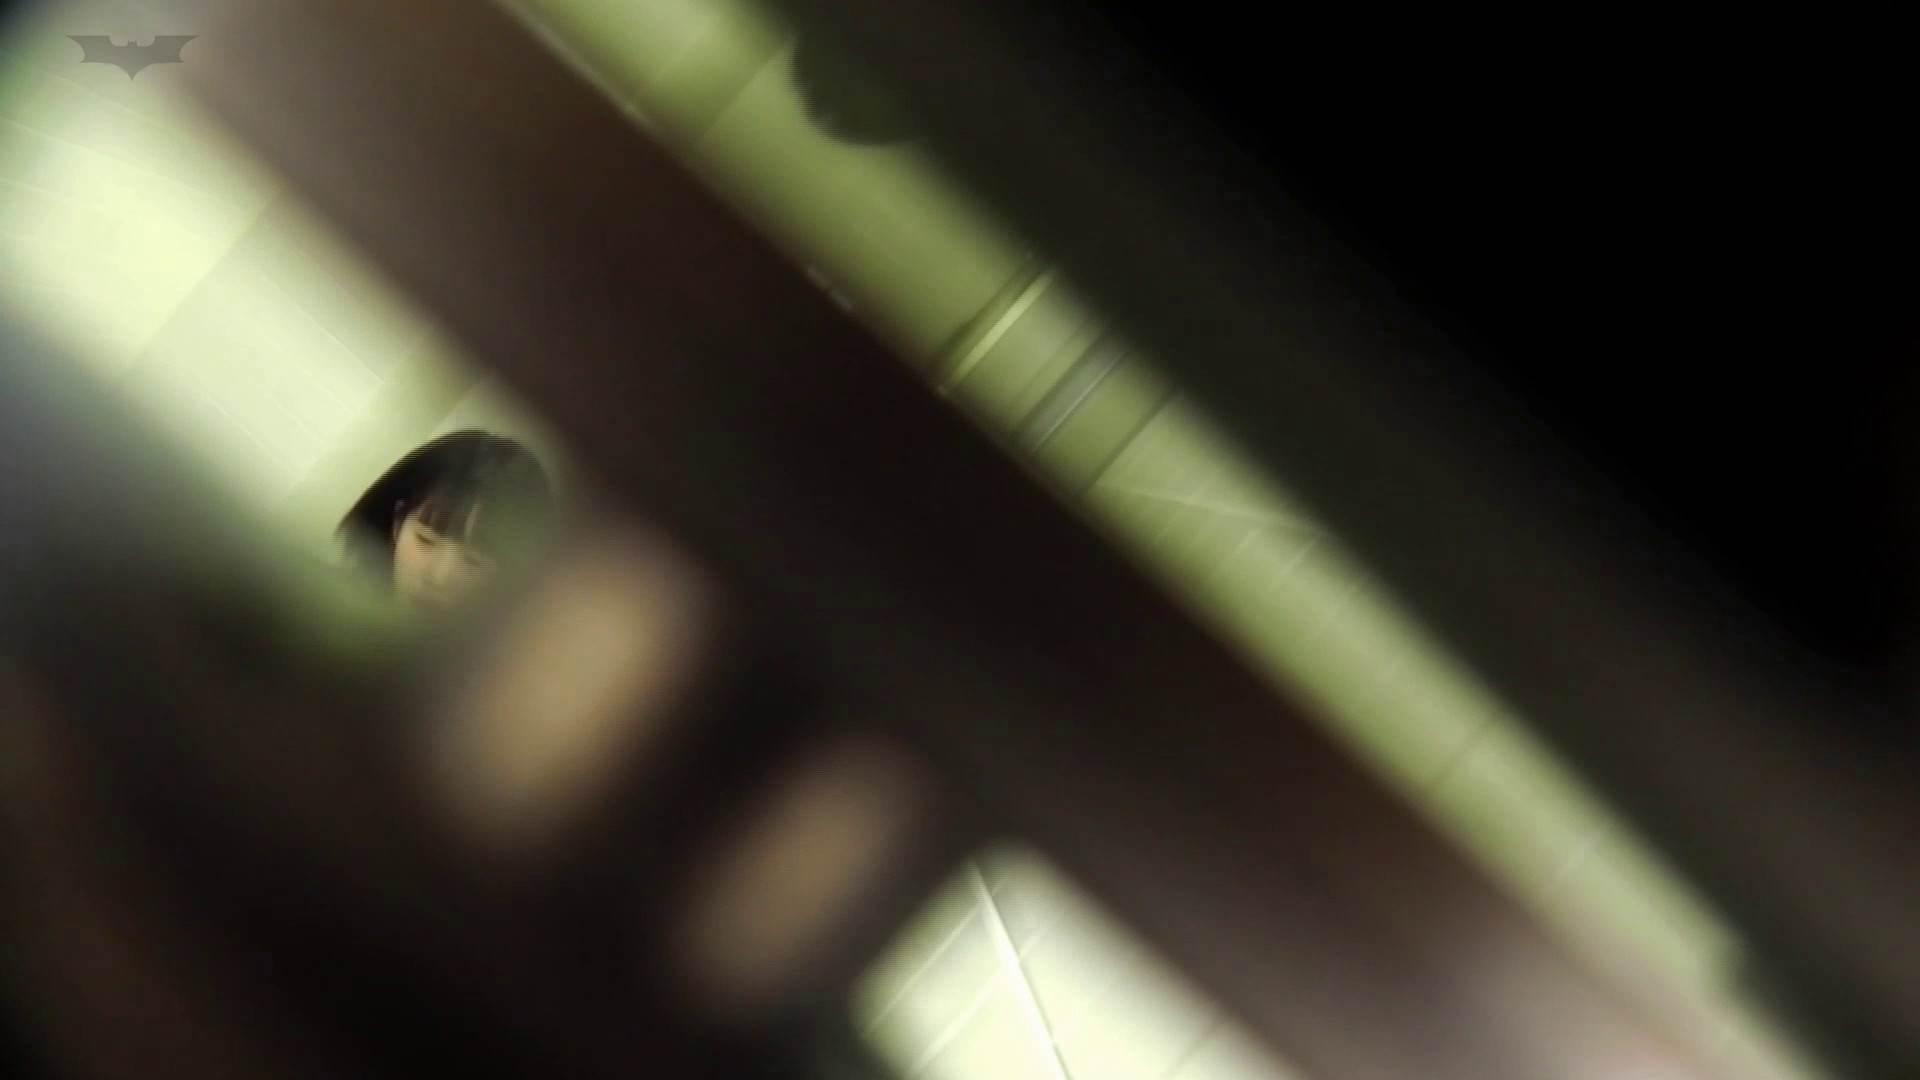 お銀 vol.79 化粧室では、高確率で素の女性がみられます!! 美人 | 洗面所  76連発 43